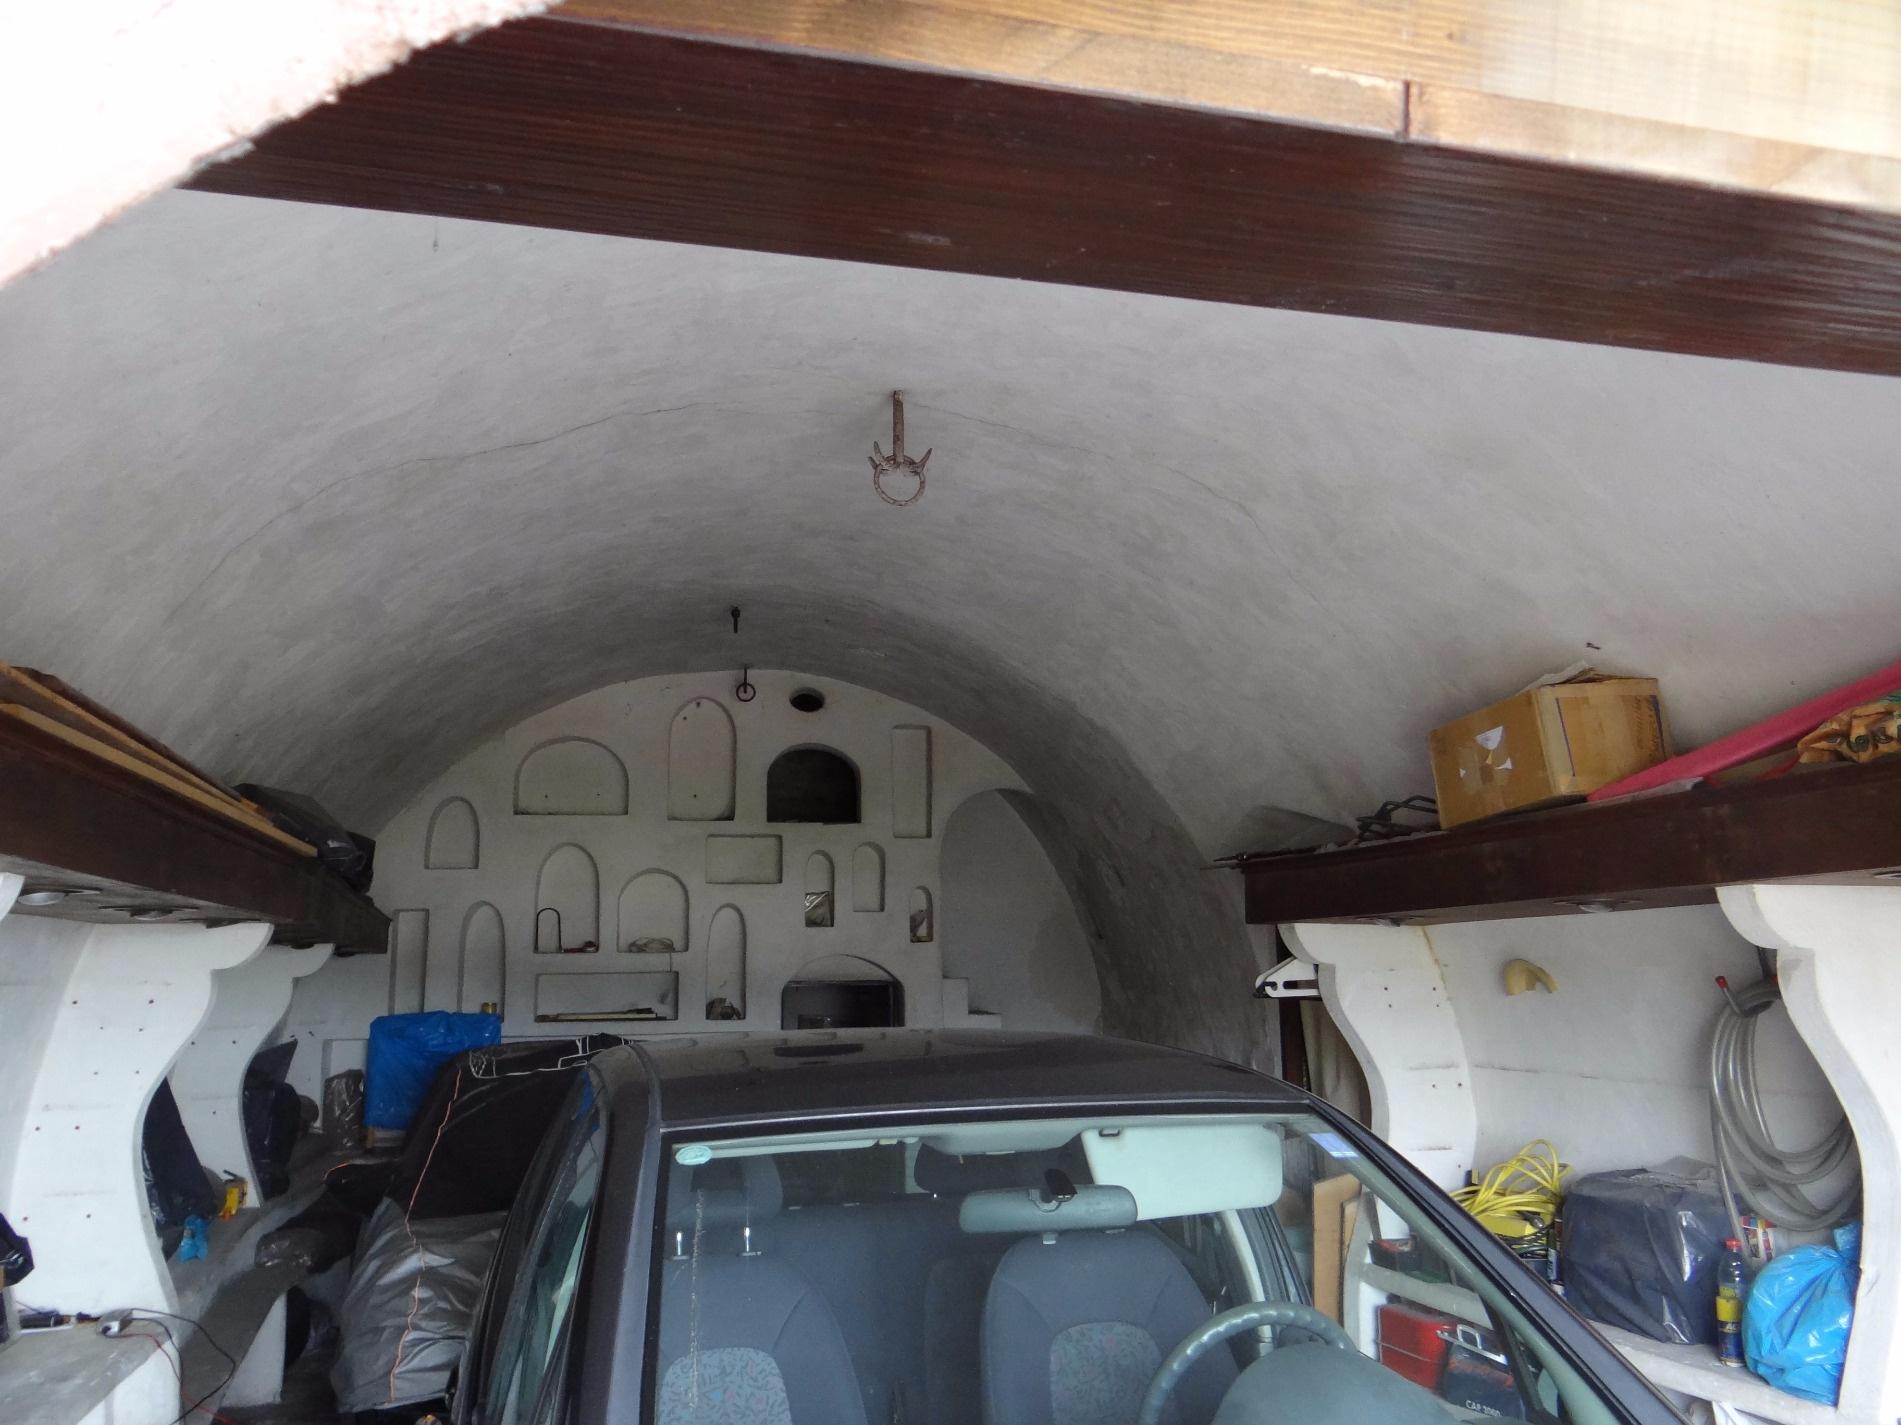 Vente immobilier professionnel saint paul de vence for Garage des remparts etampes